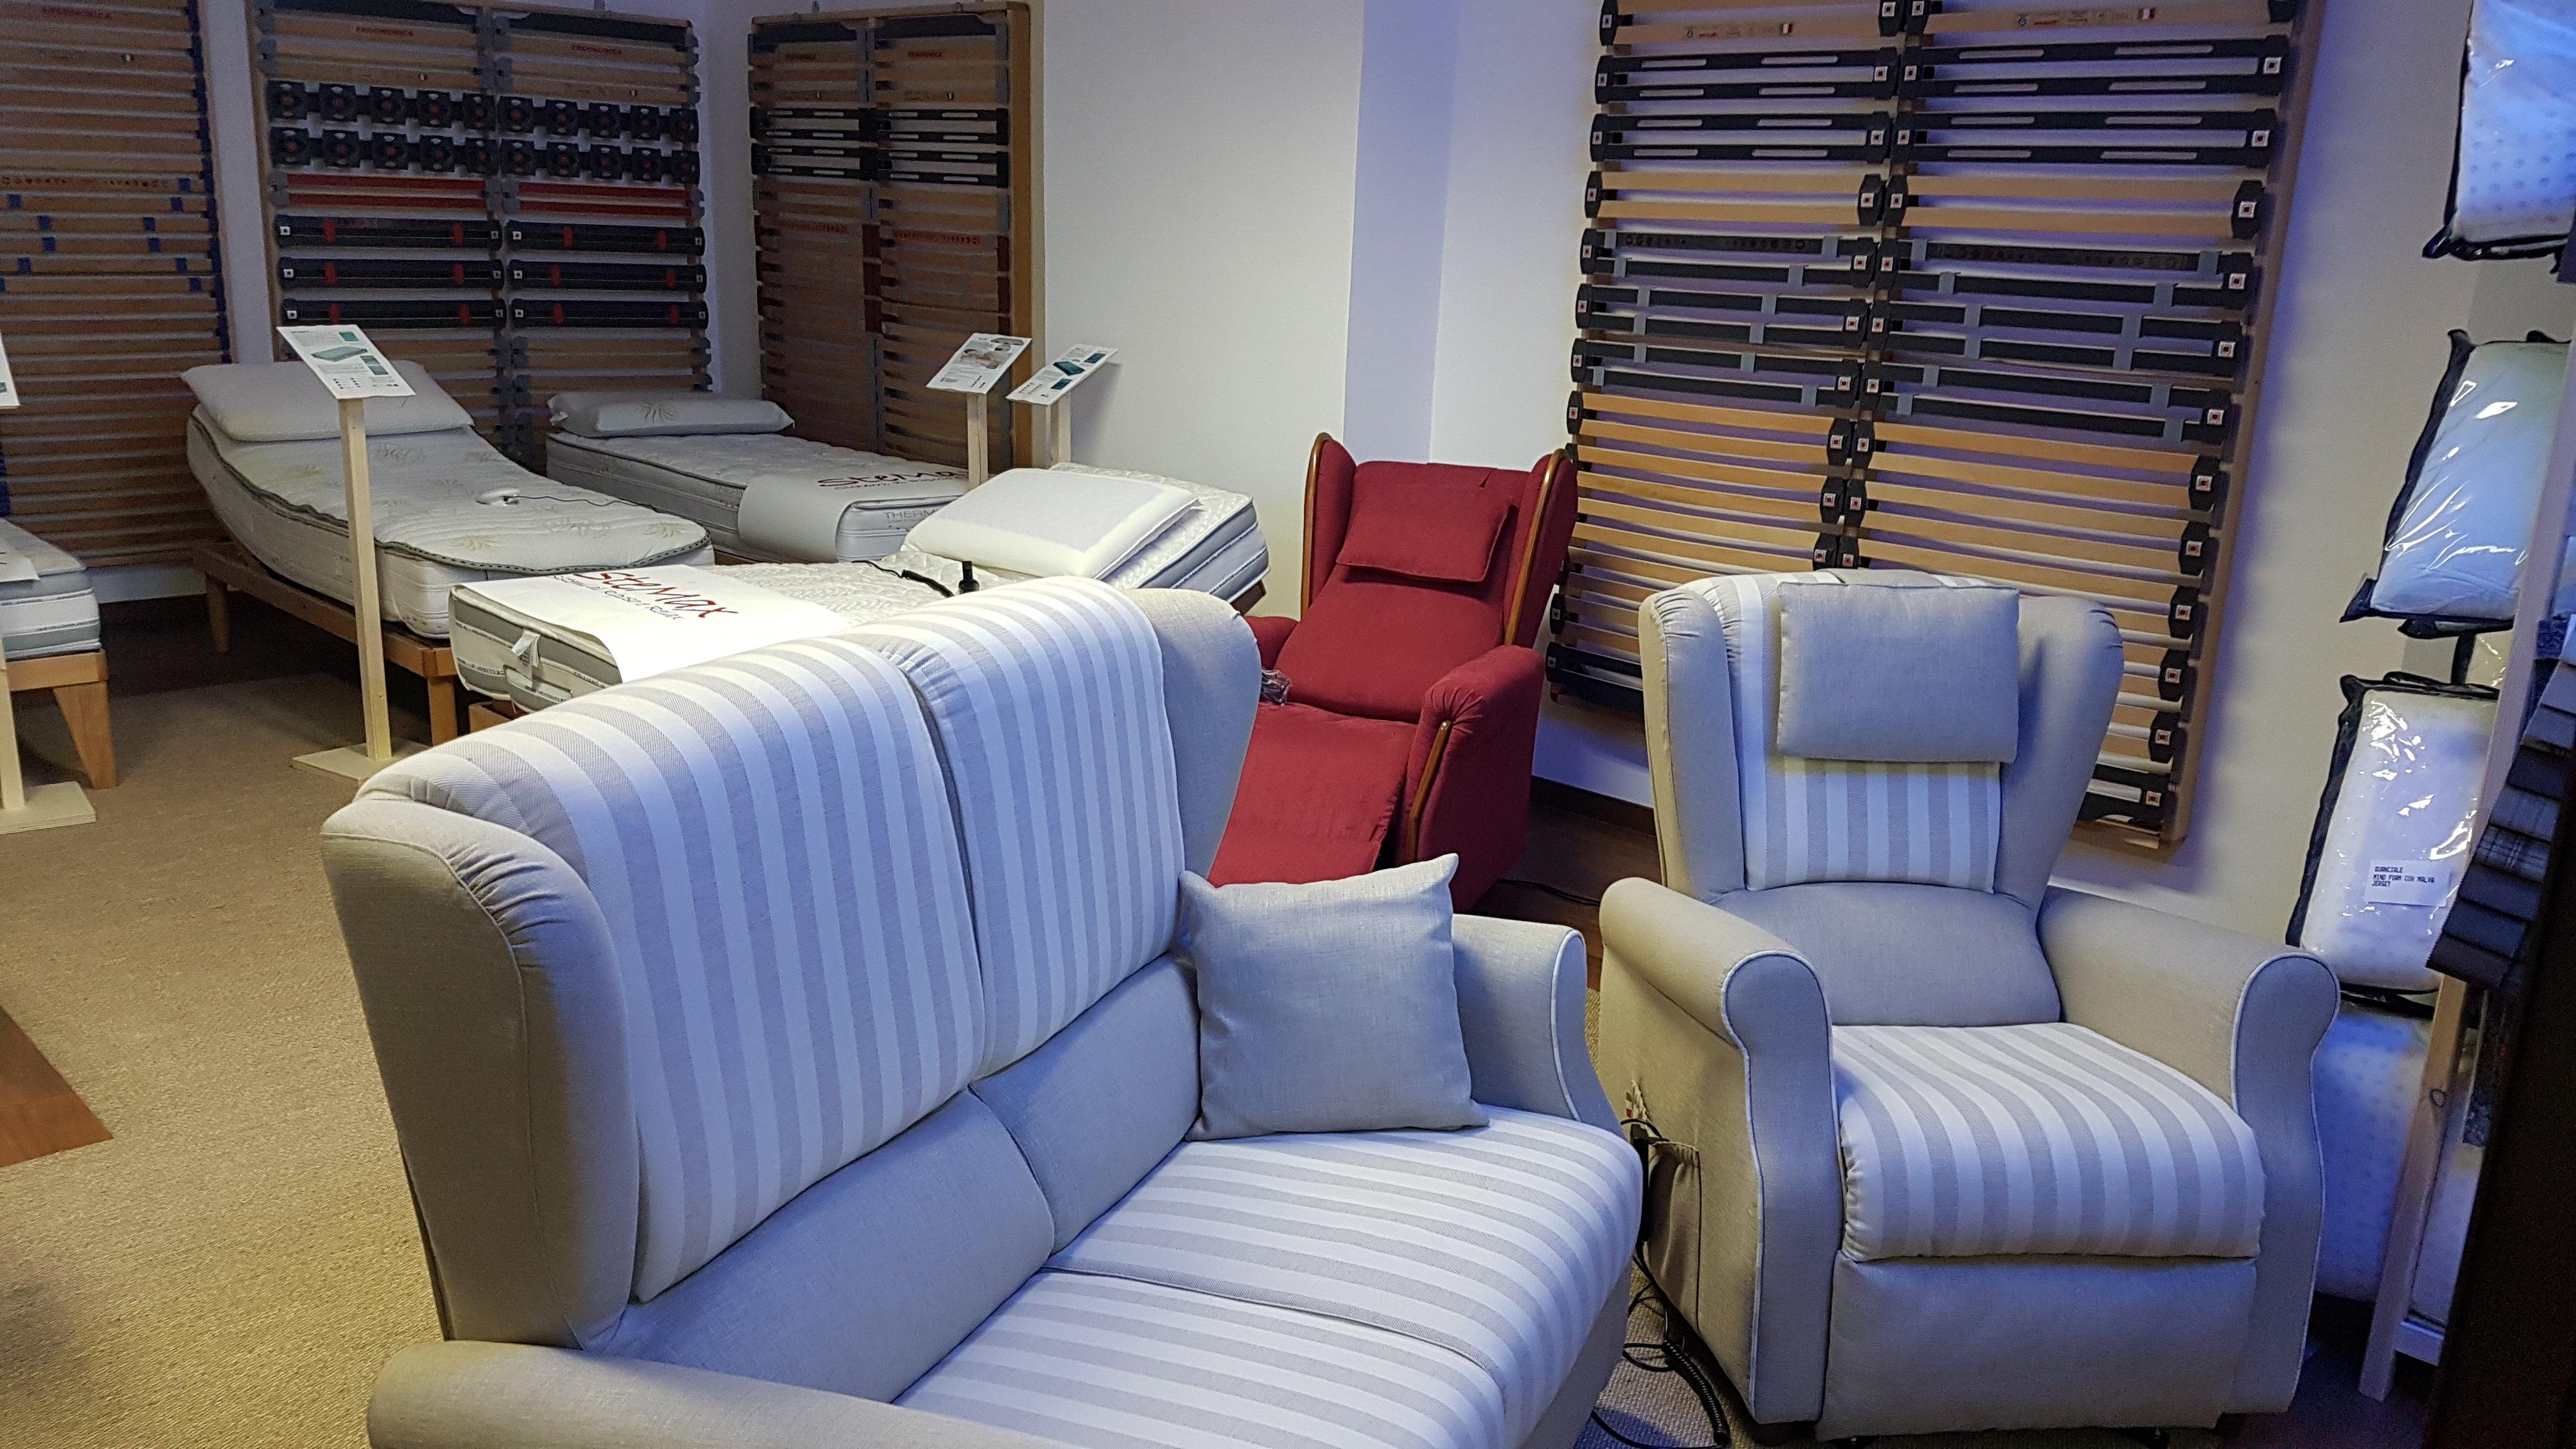 interno del negozio con divani e poltrone